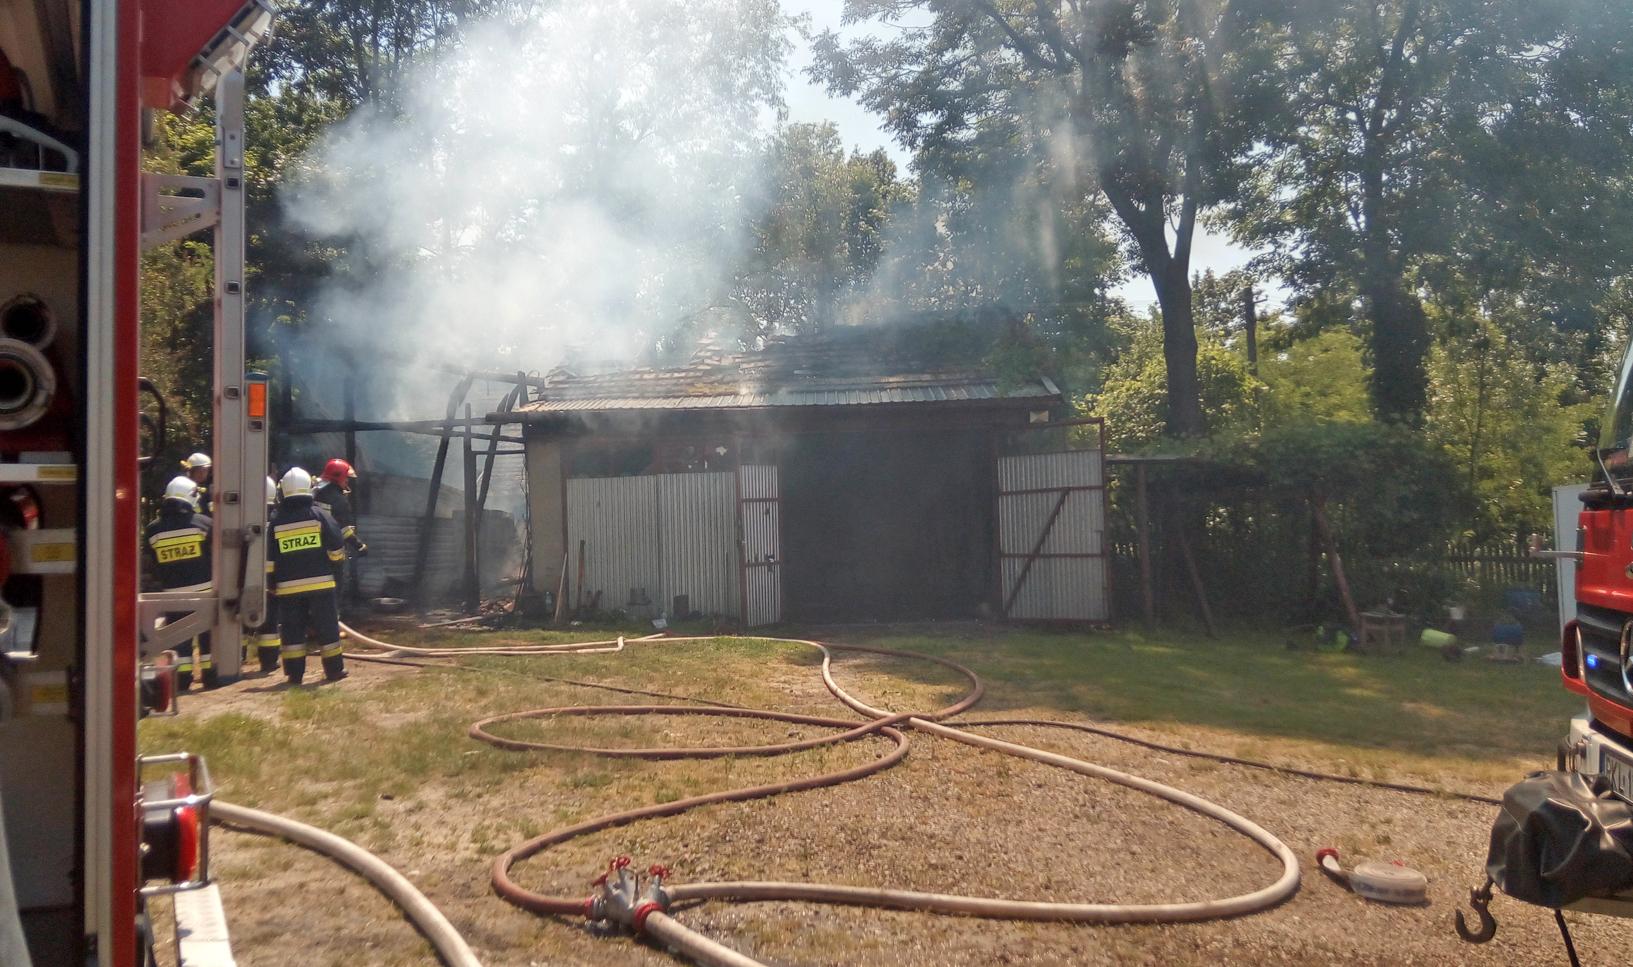 Pożar w Przyłęku. Strażacy jadą na miejsce |ZDJĘCIA| - Zdjęcie główne